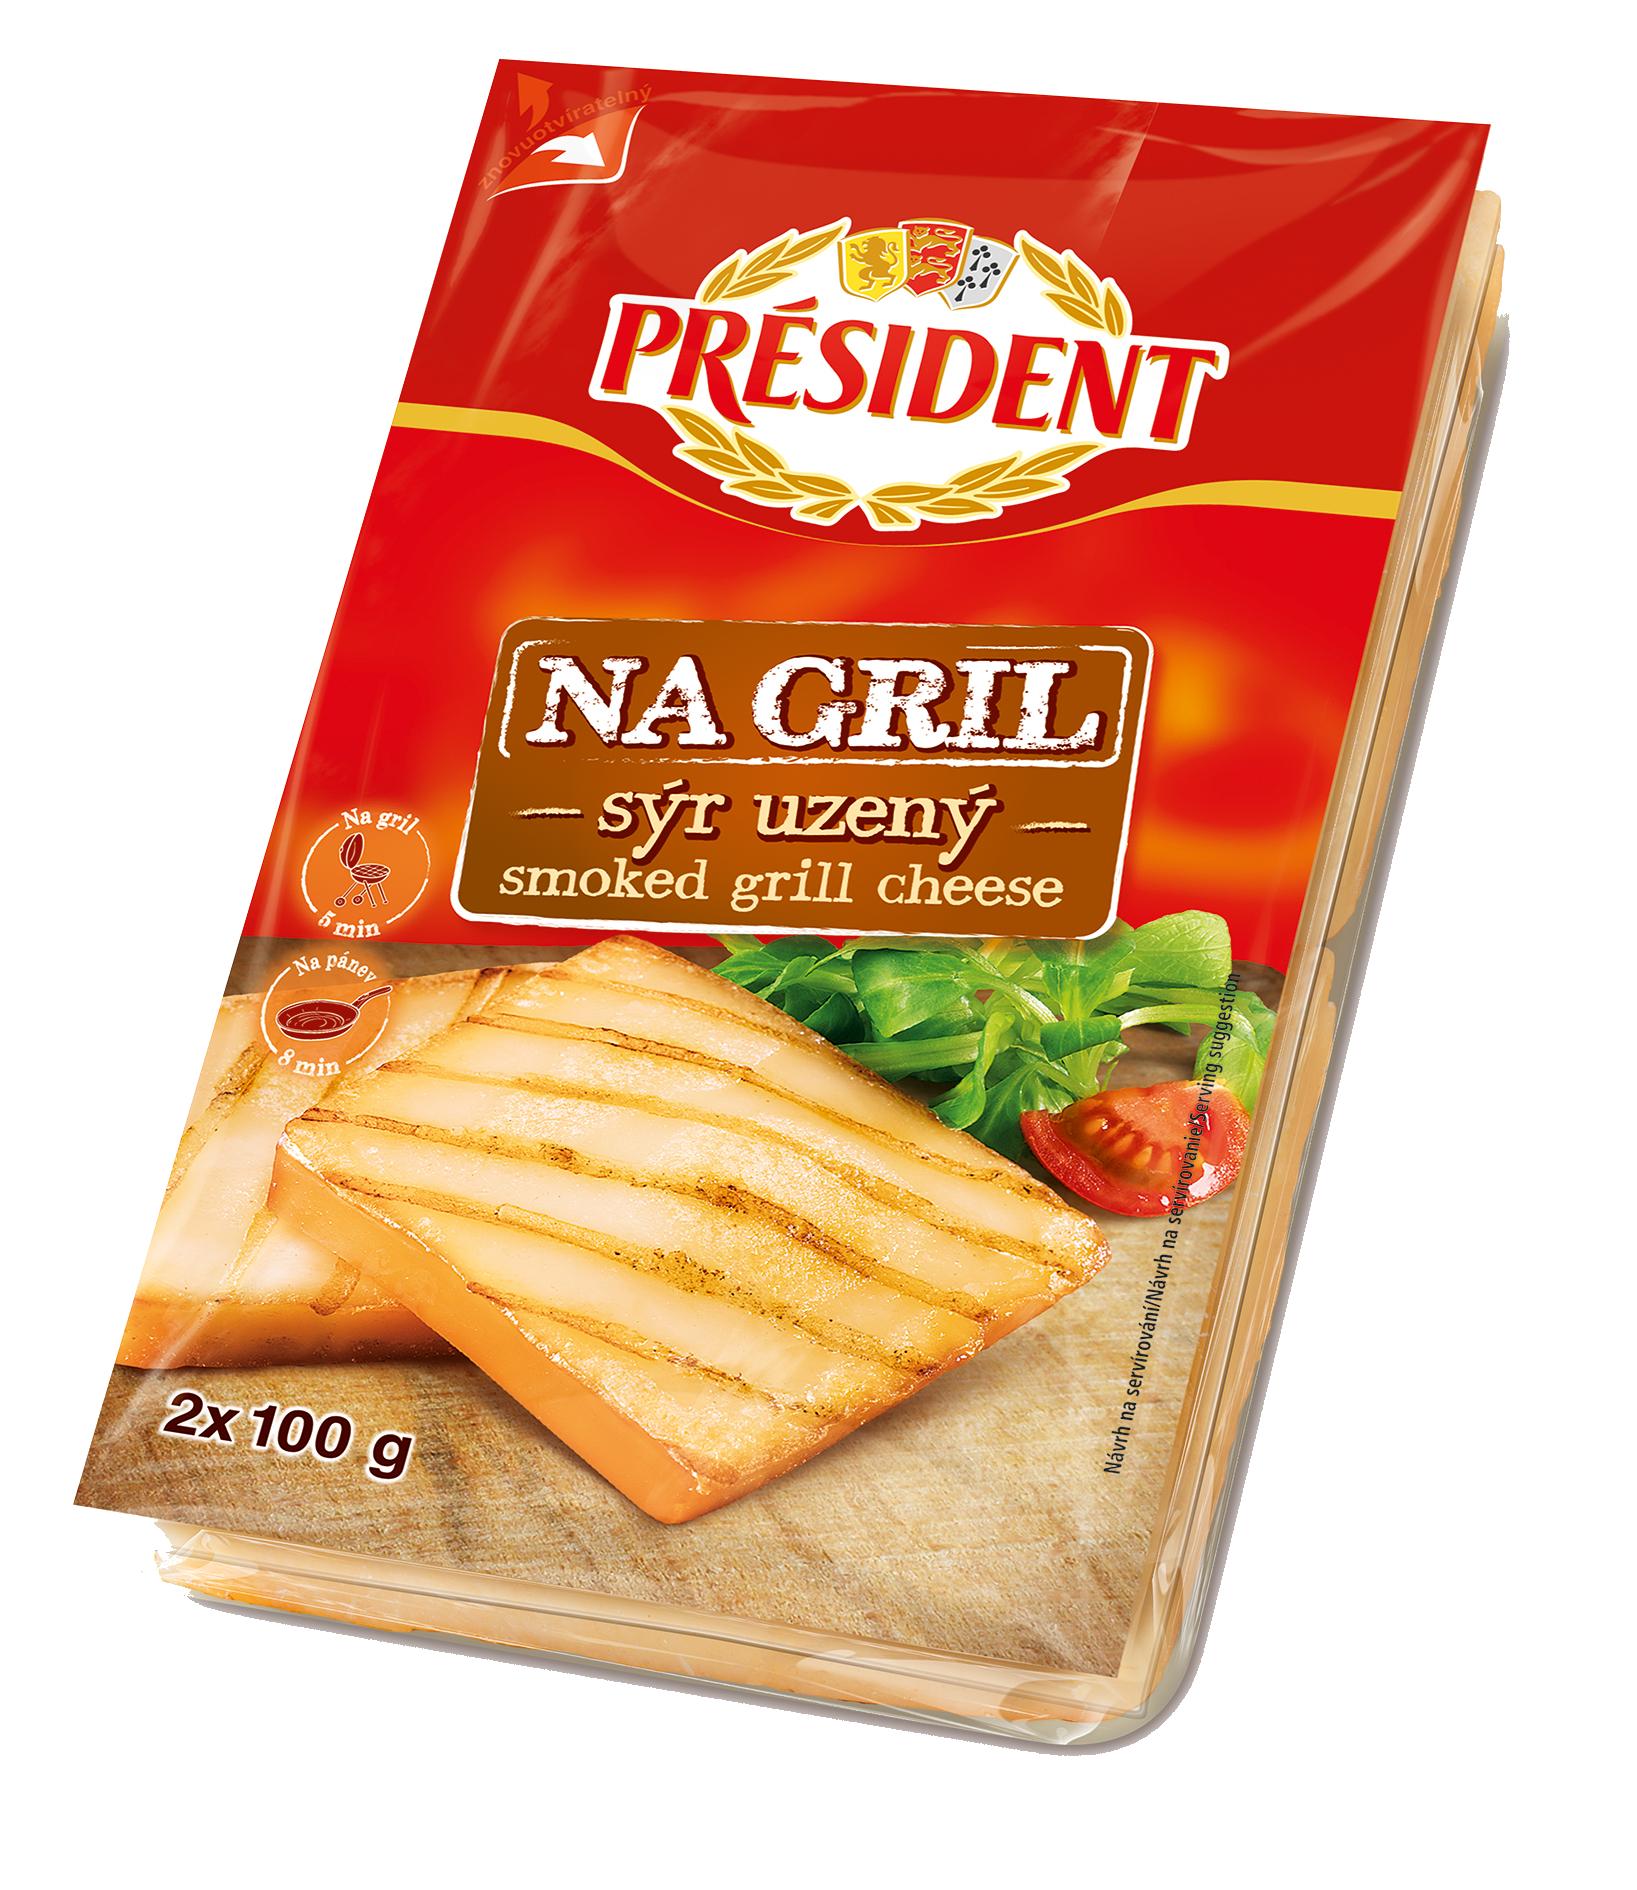 lac170_pdt_02_v02_president-2x100g-grill-uzeny-100g-foil_left_rgb_150dpi